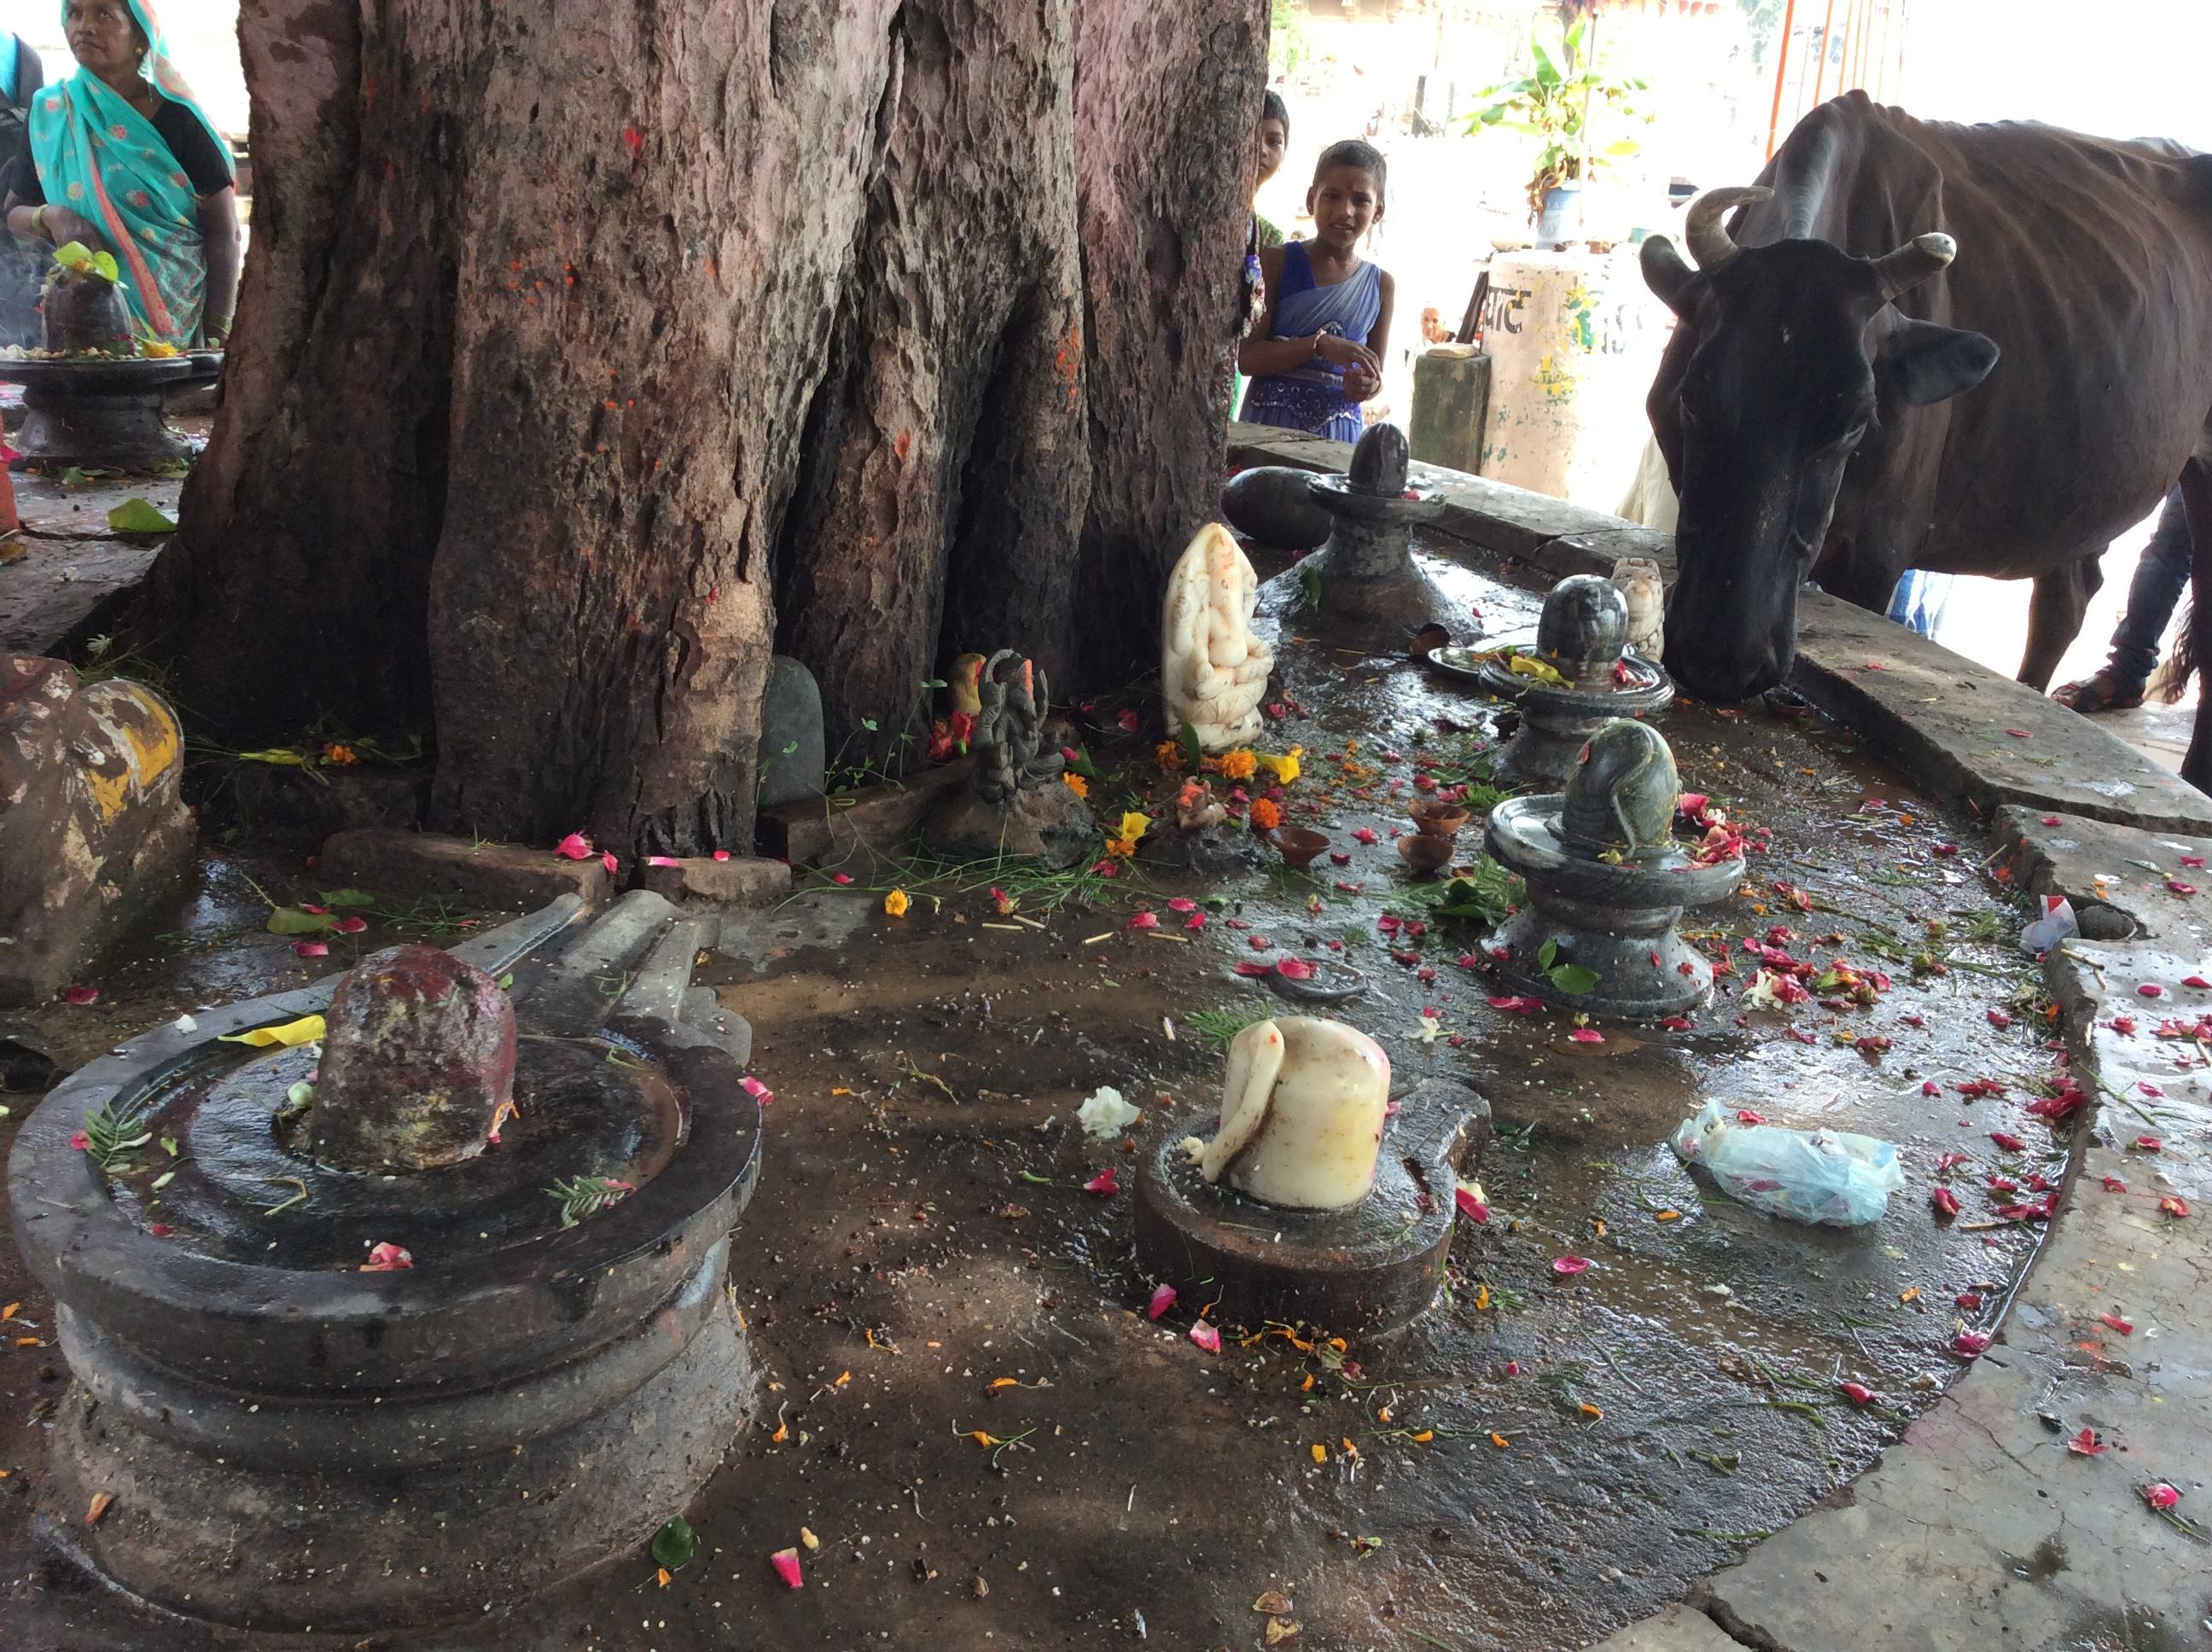 ...frisst die Opferblüten von den Lingams. Da sind sie wieder. Der untere Teil steht für die Schöpfung, die stilisierte Vagina darauf für die Erde und der Phallus darauf für Shiva-das Leben ...gleich von der Kuh blankgeleckt:)